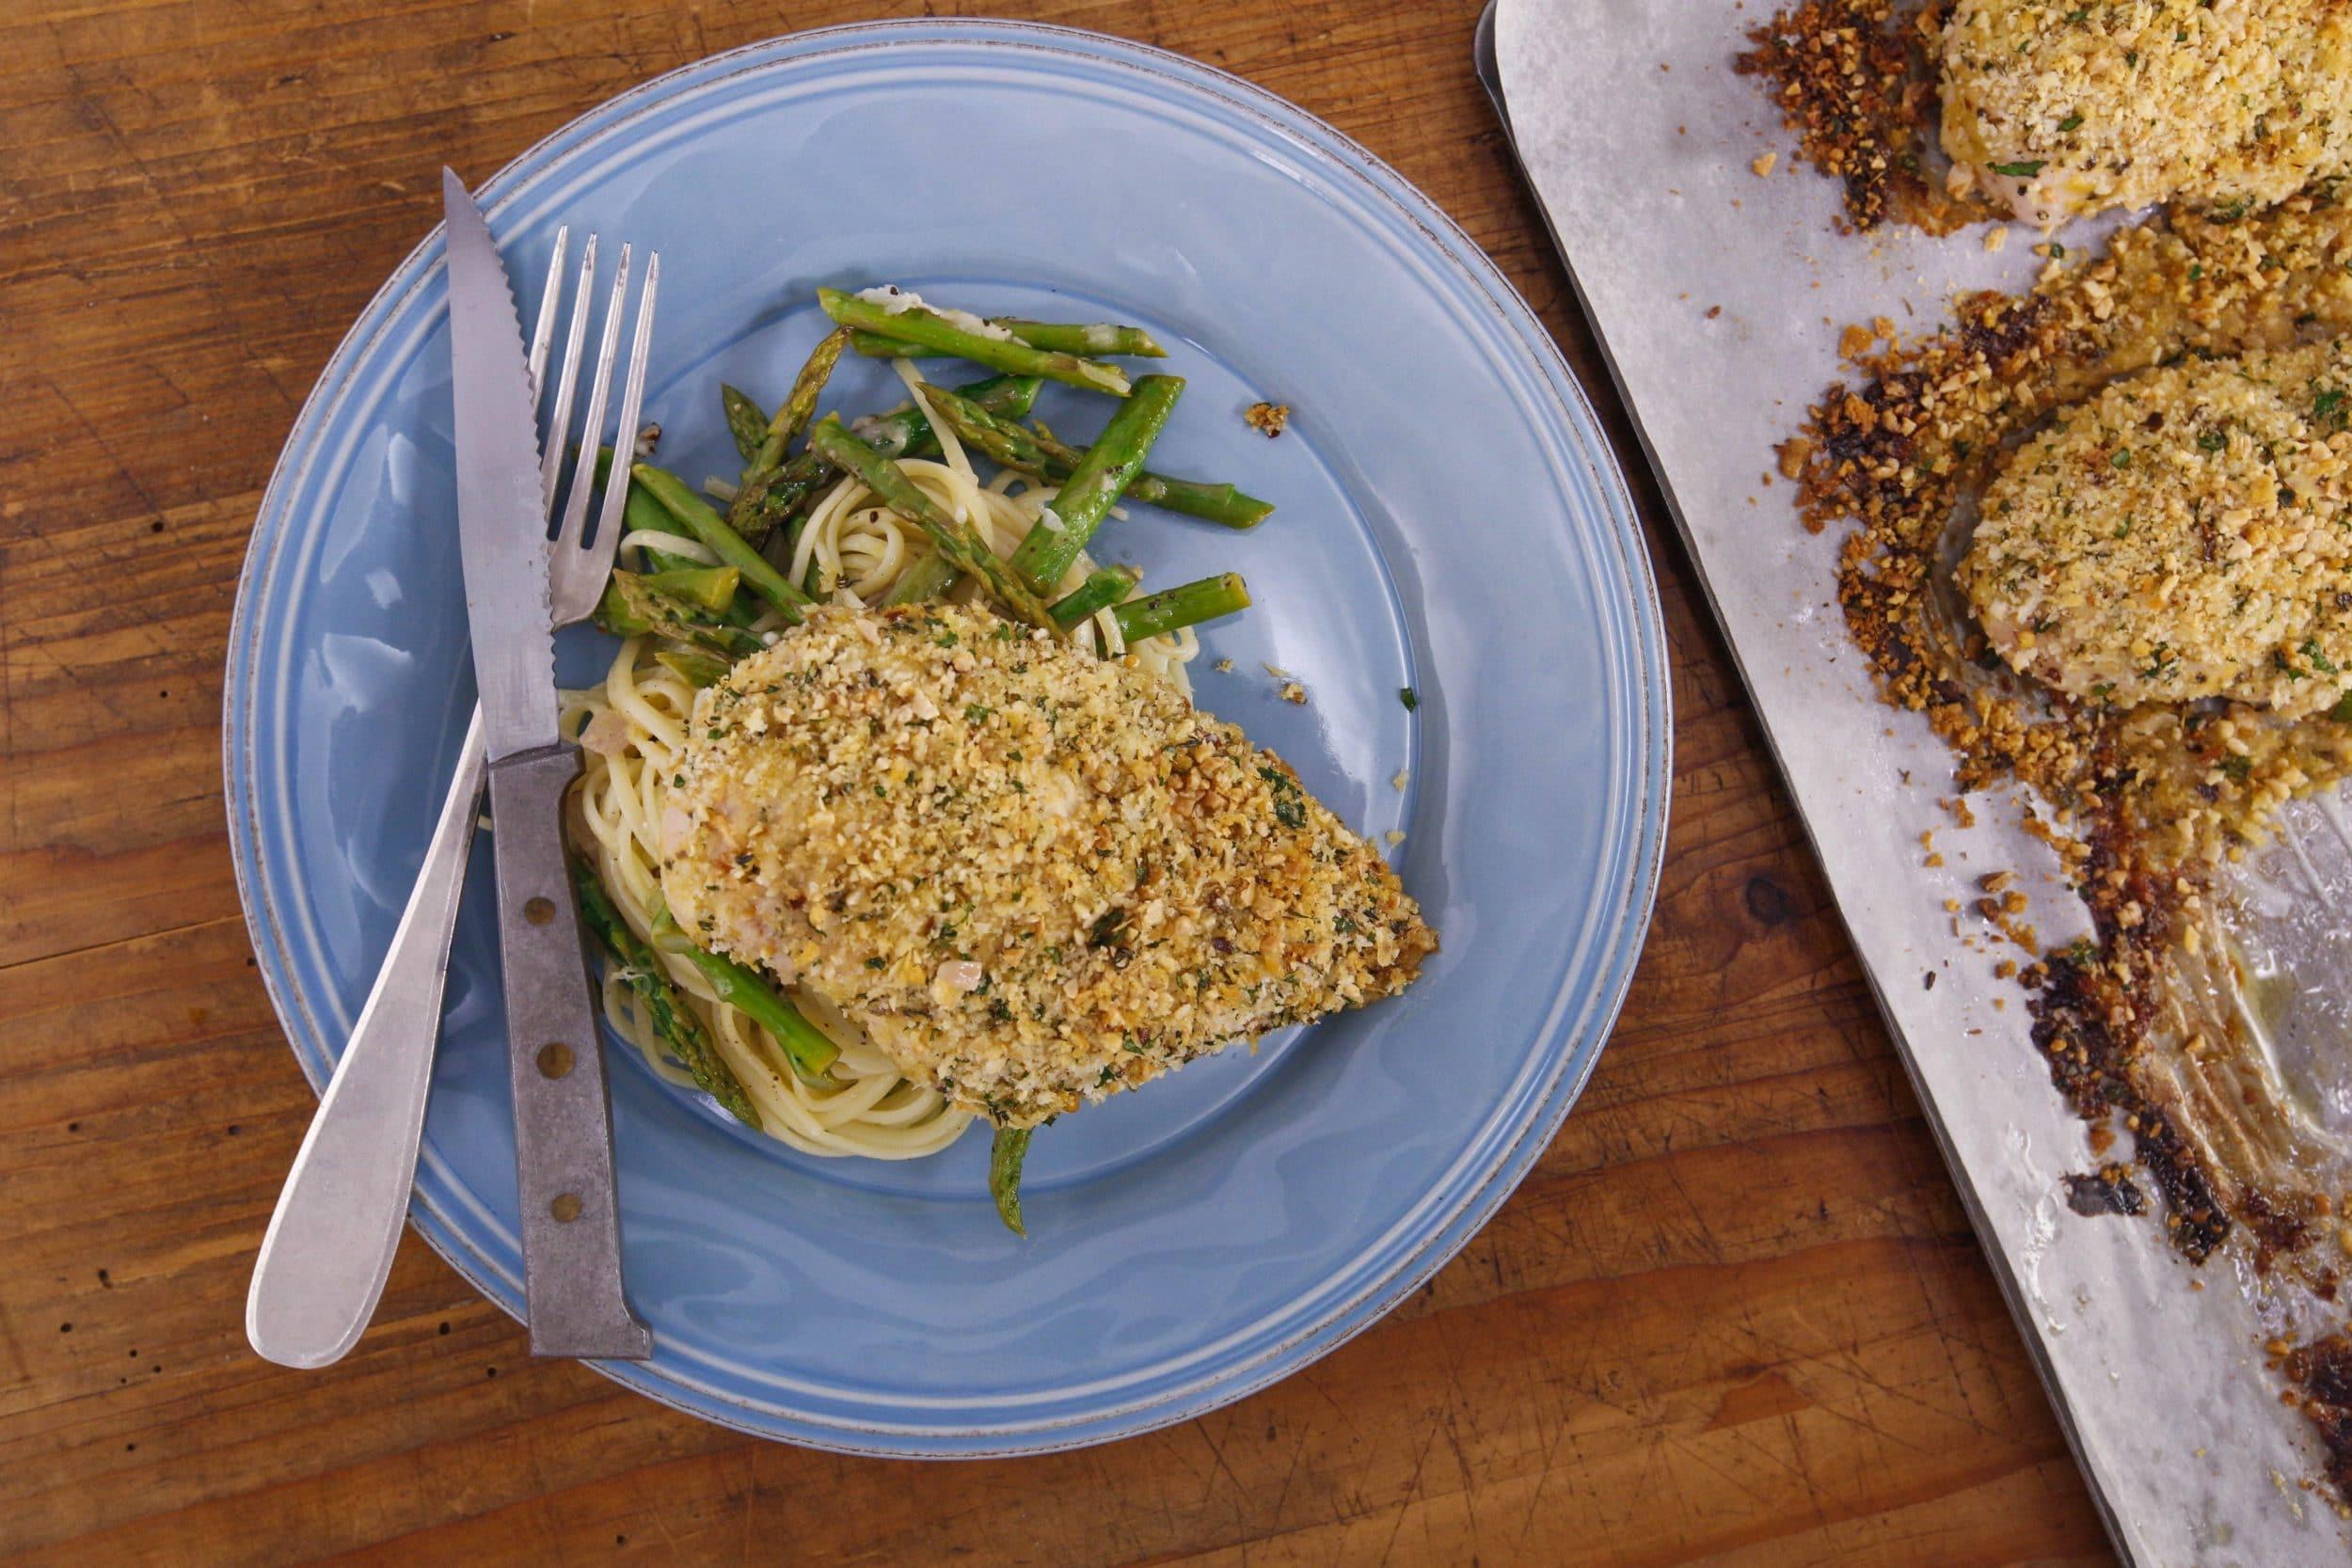 Lemon-Chile Linguine with Asparagus